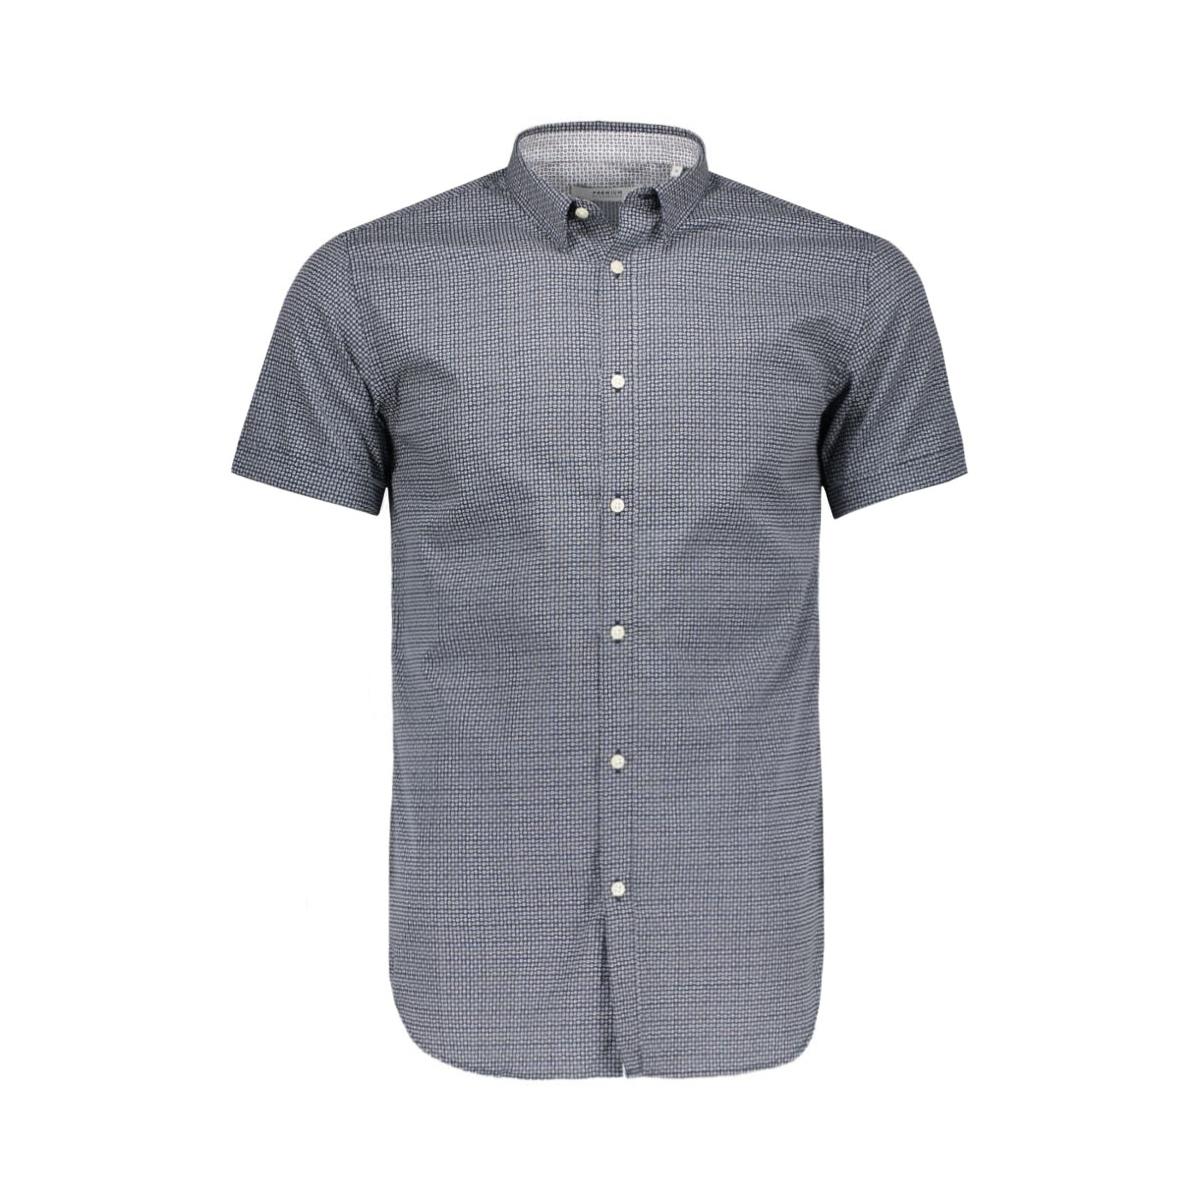 jjprdane shirt s/s plain 12112271 jack & jones overhemd navy blazer